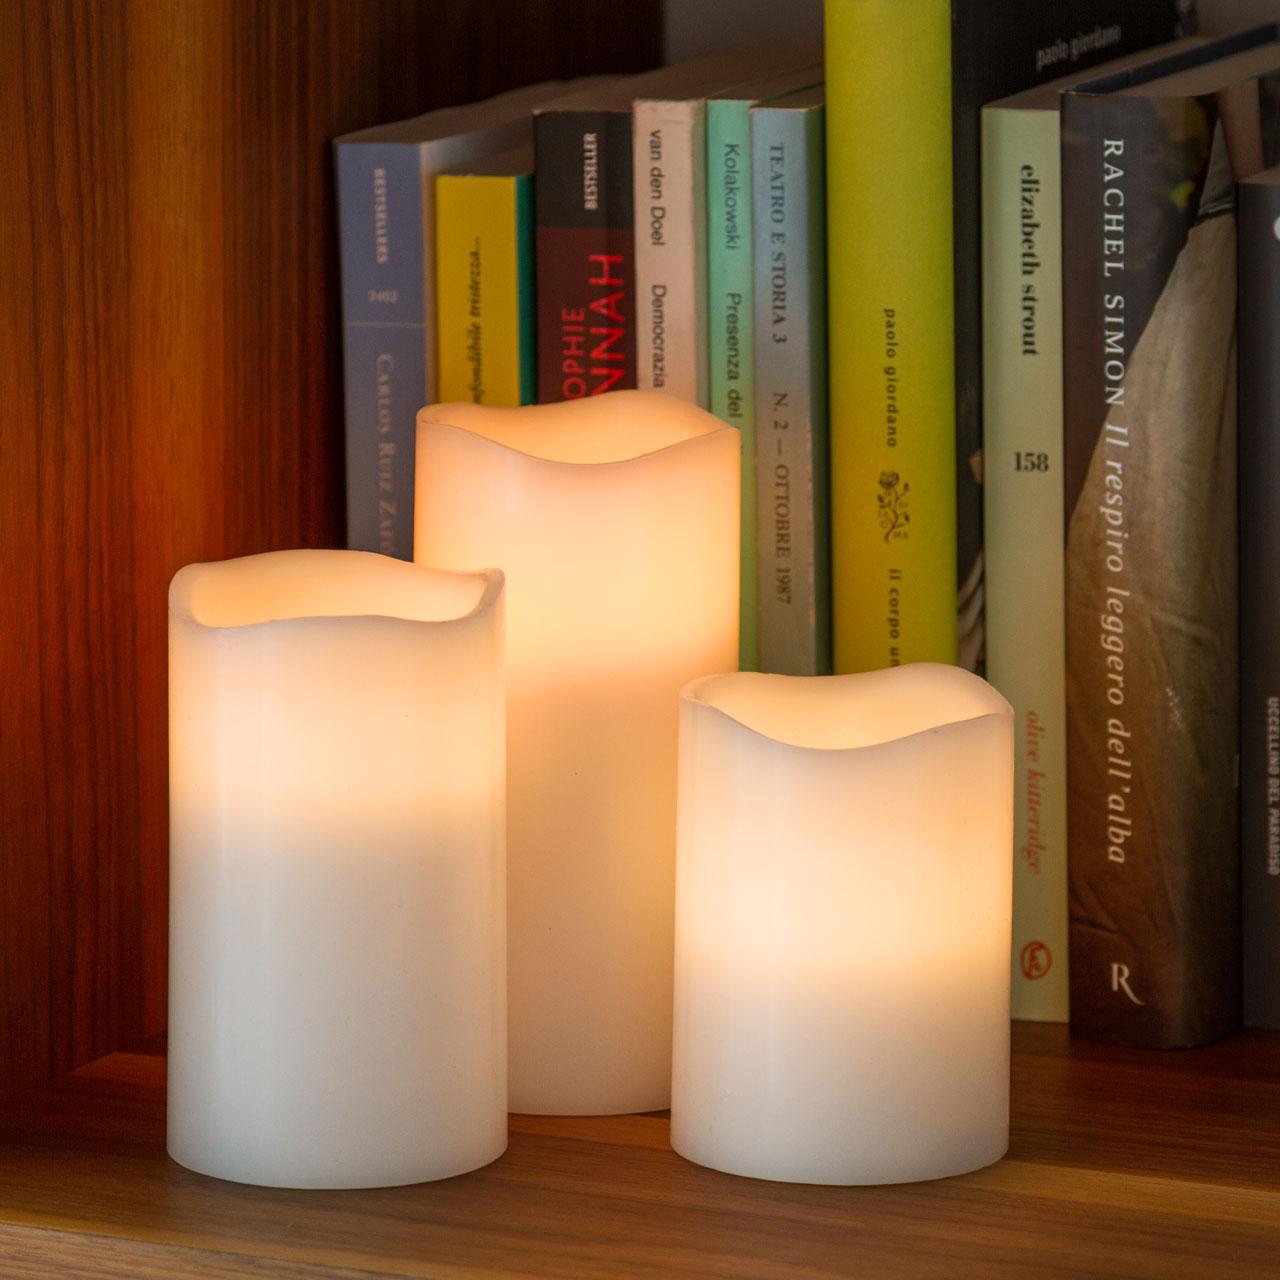 Come riutilizzare le luci di natale durante l 39 anno - Bagno caldo dopo mangiato ...